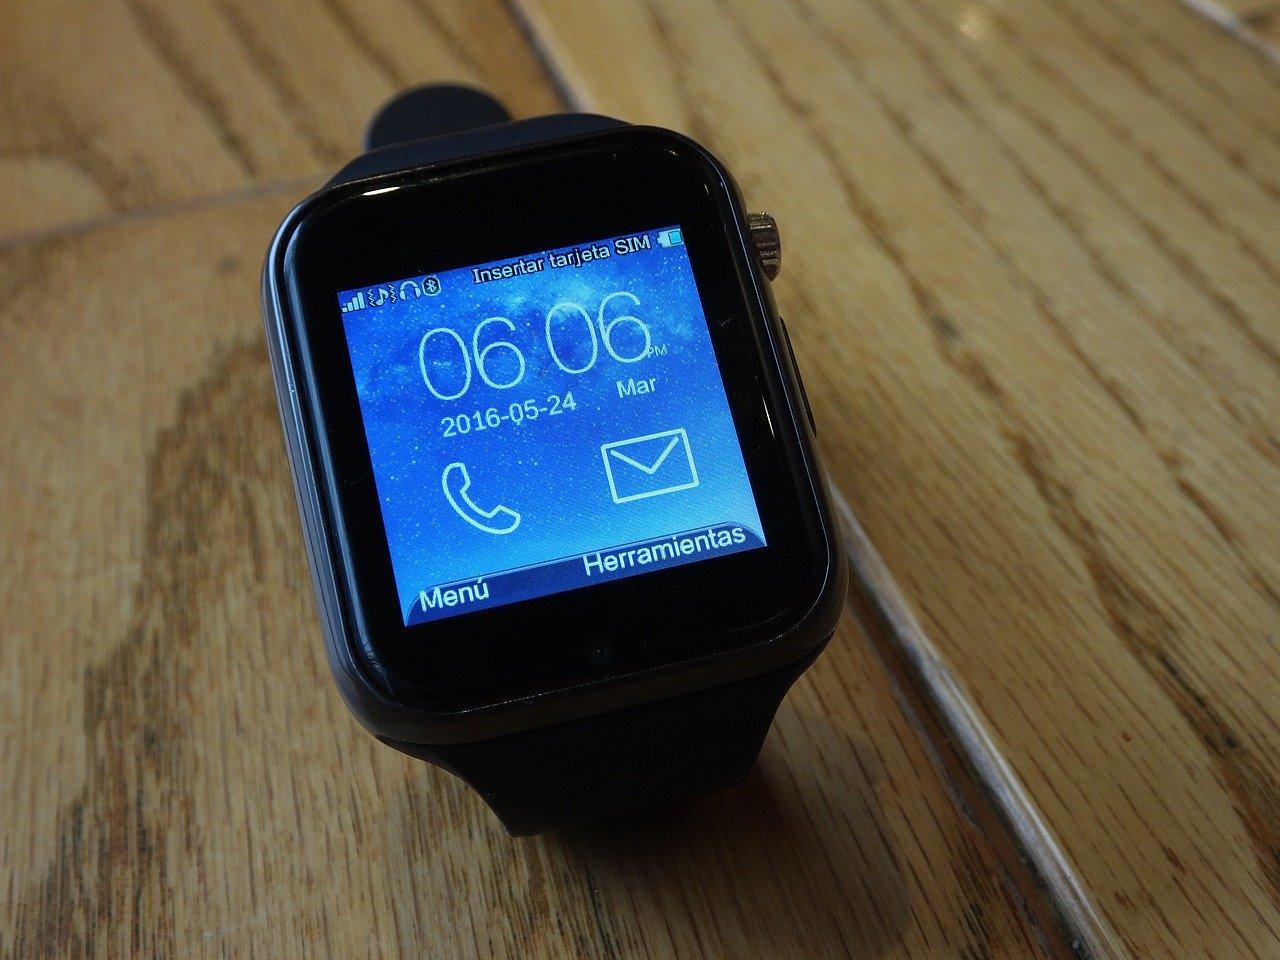 Jakimi ciekawymi rozwiązaniami mogą się cieszyć posiadacze smartwatchy?